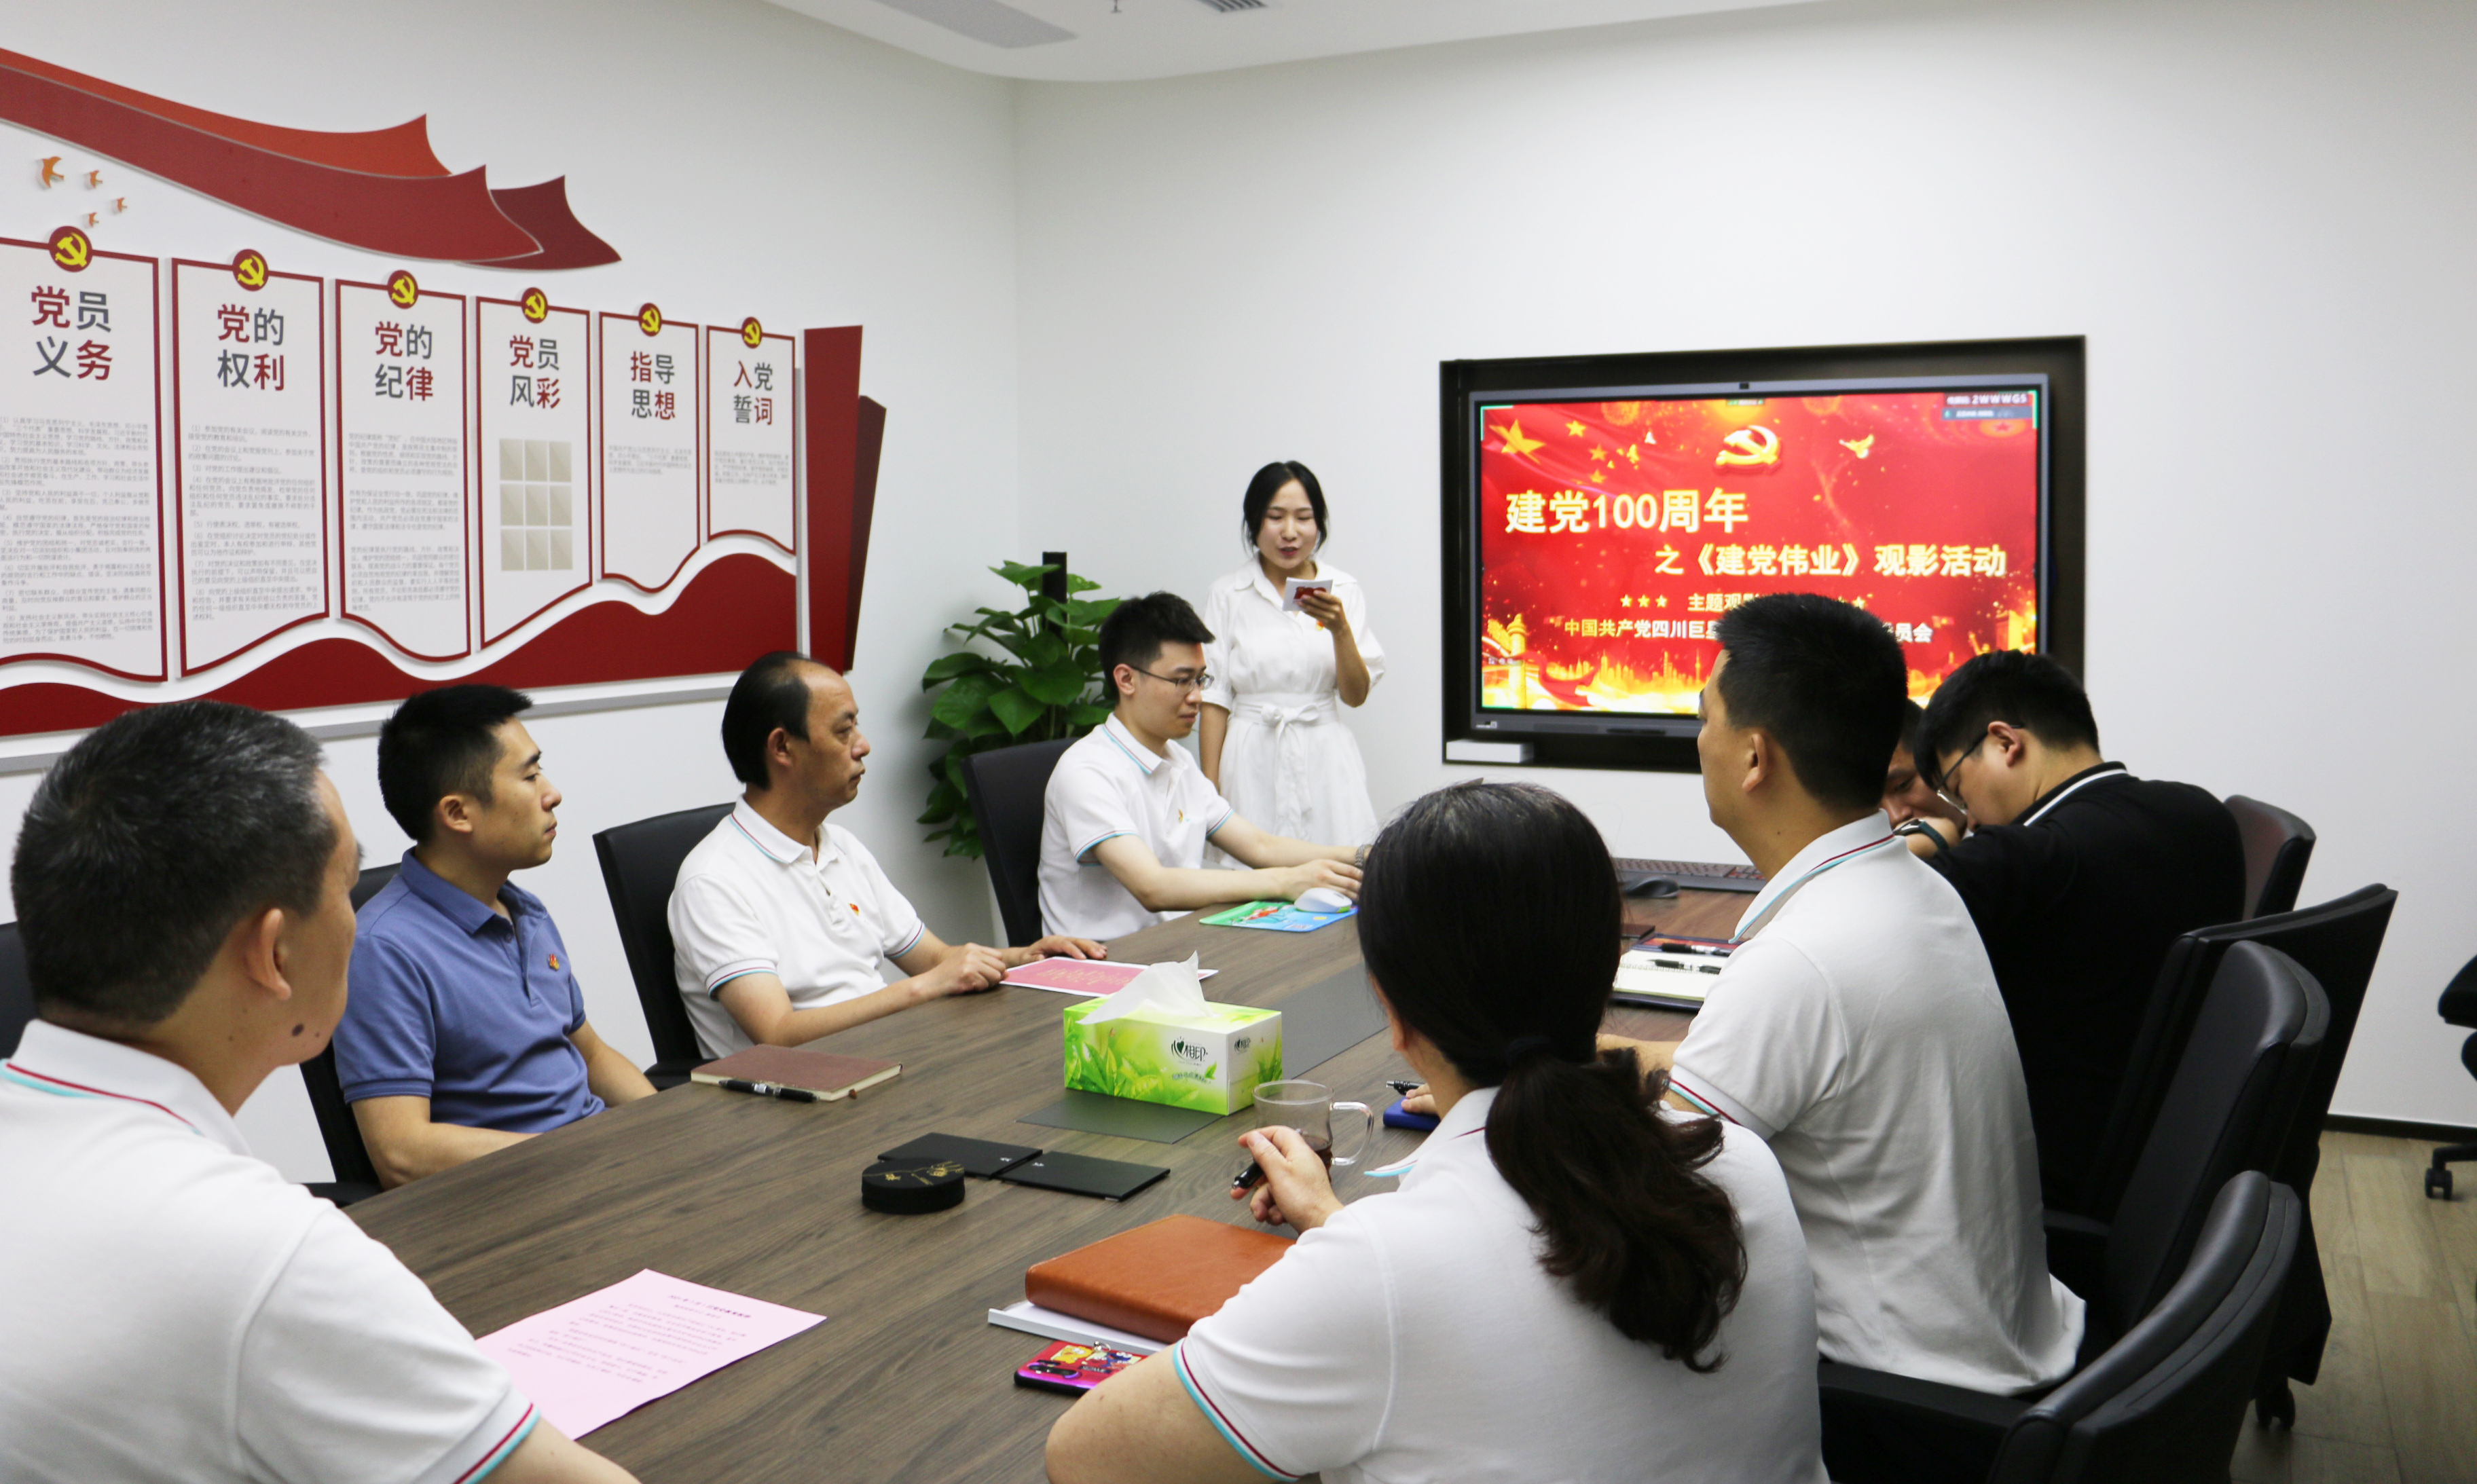 百年恰是风华正茂|亚洲彩票app登录热烈庆祝中国共产党成立100周年